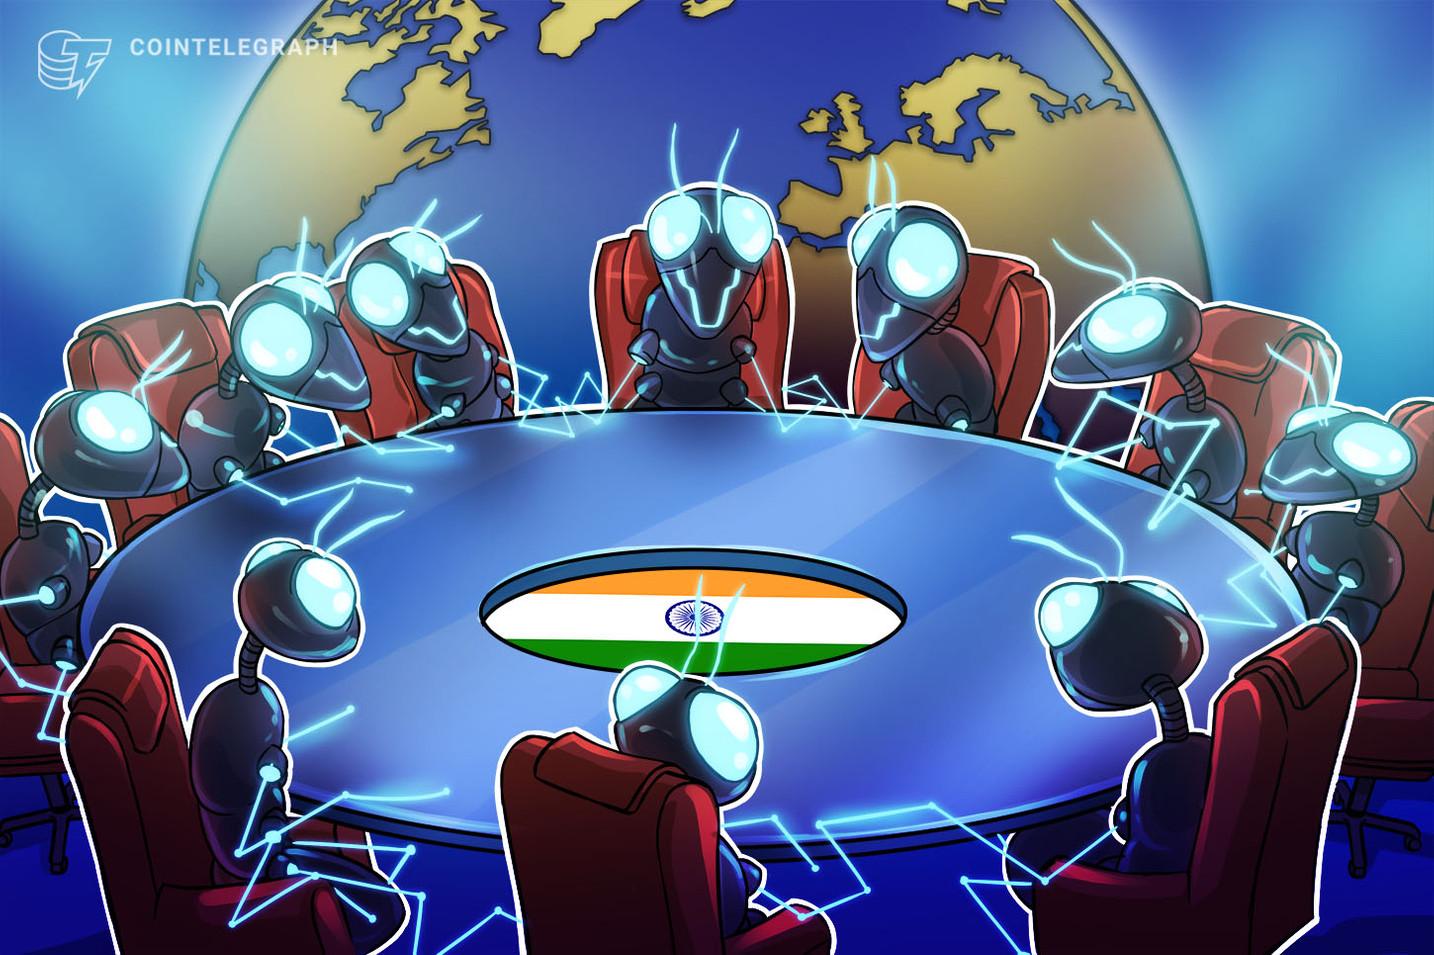 La academia blockchain de Kerala en India se asocia con R3 para la educación de desarrolladores